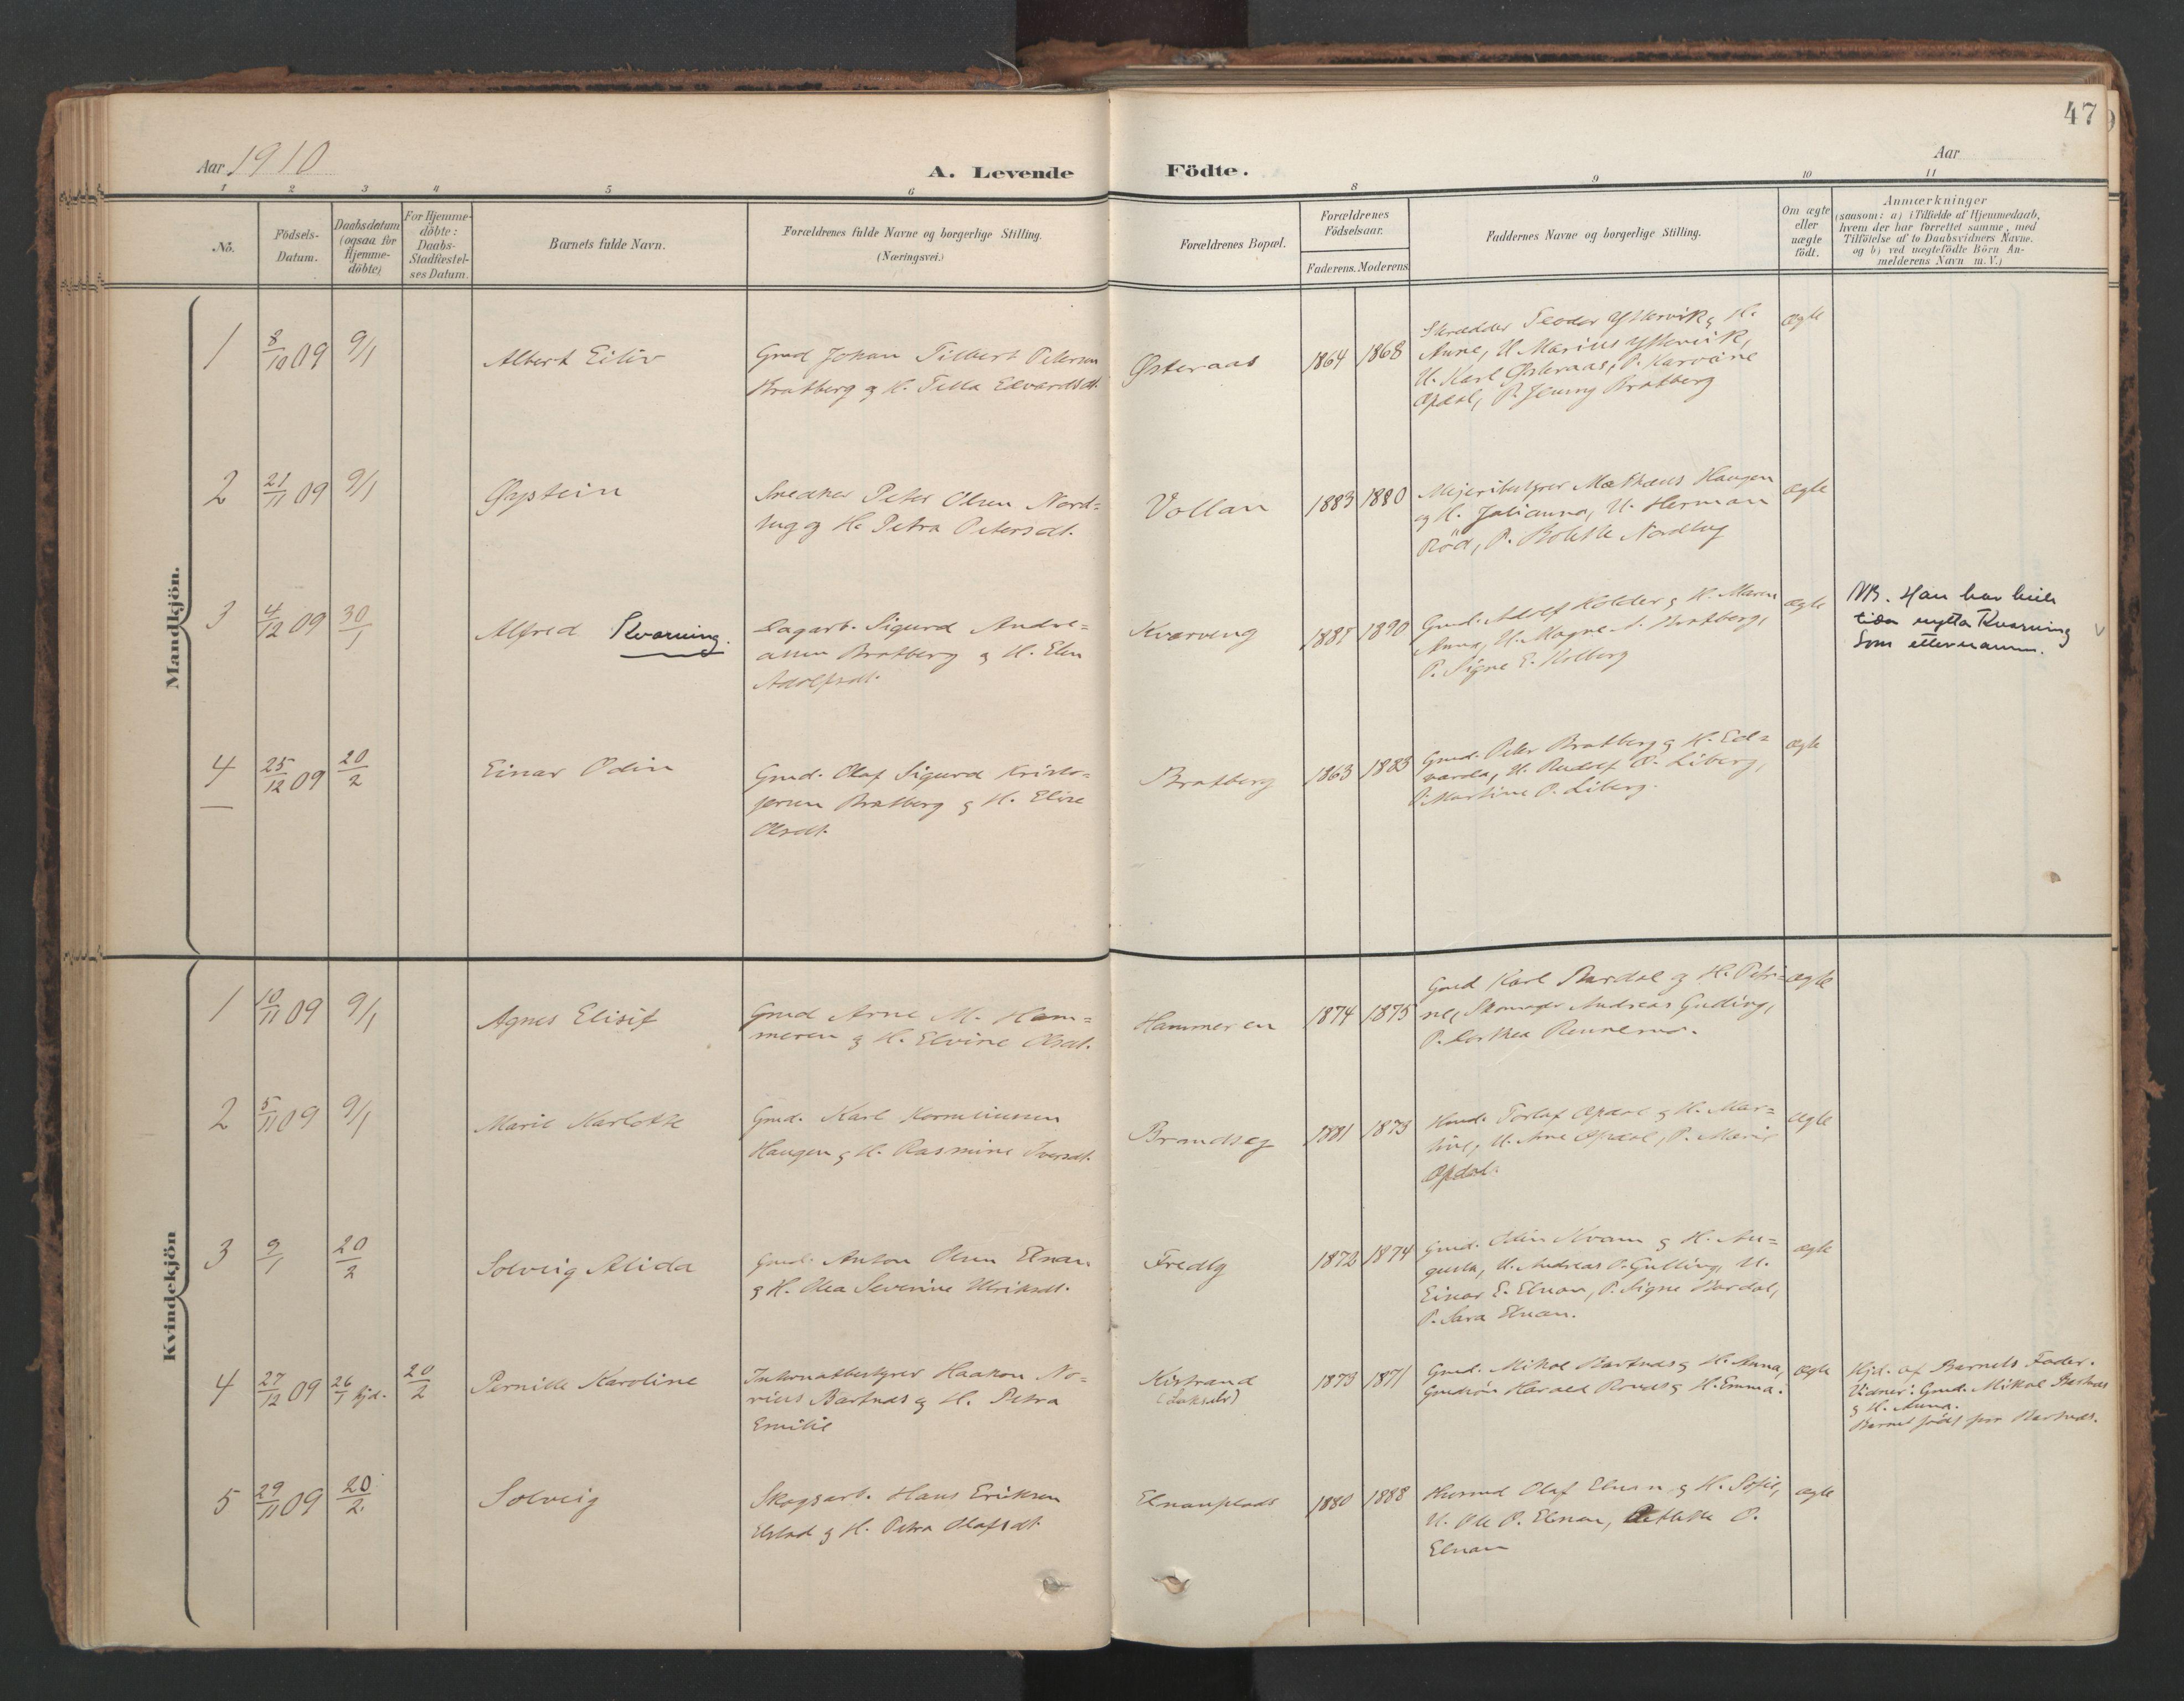 SAT, Ministerialprotokoller, klokkerbøker og fødselsregistre - Nord-Trøndelag, 741/L0397: Ministerialbok nr. 741A11, 1901-1911, s. 47